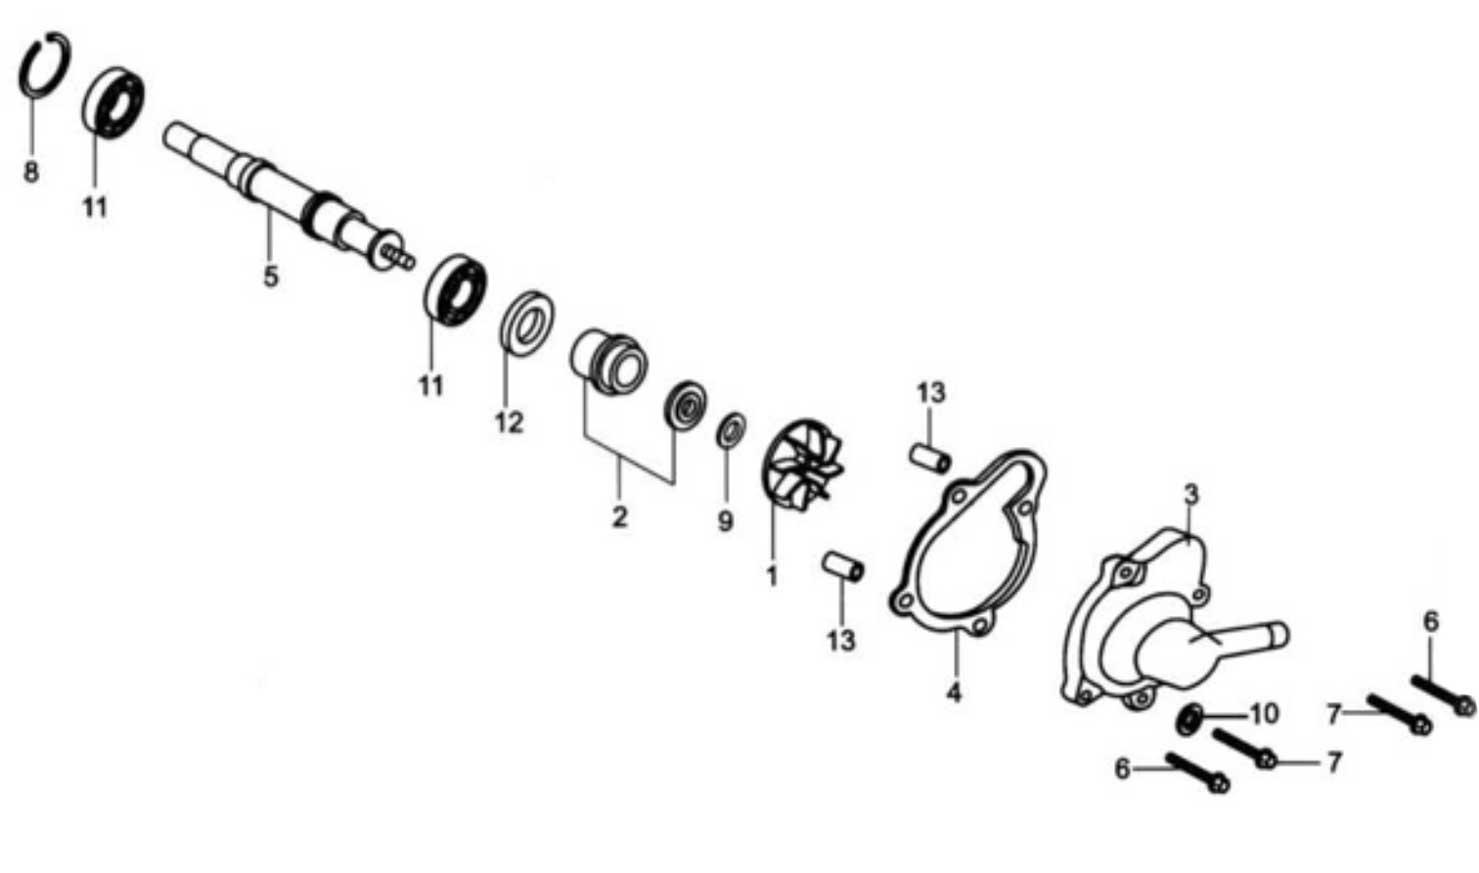 Baja Motorsports Reaction 150 Wiring Diagram